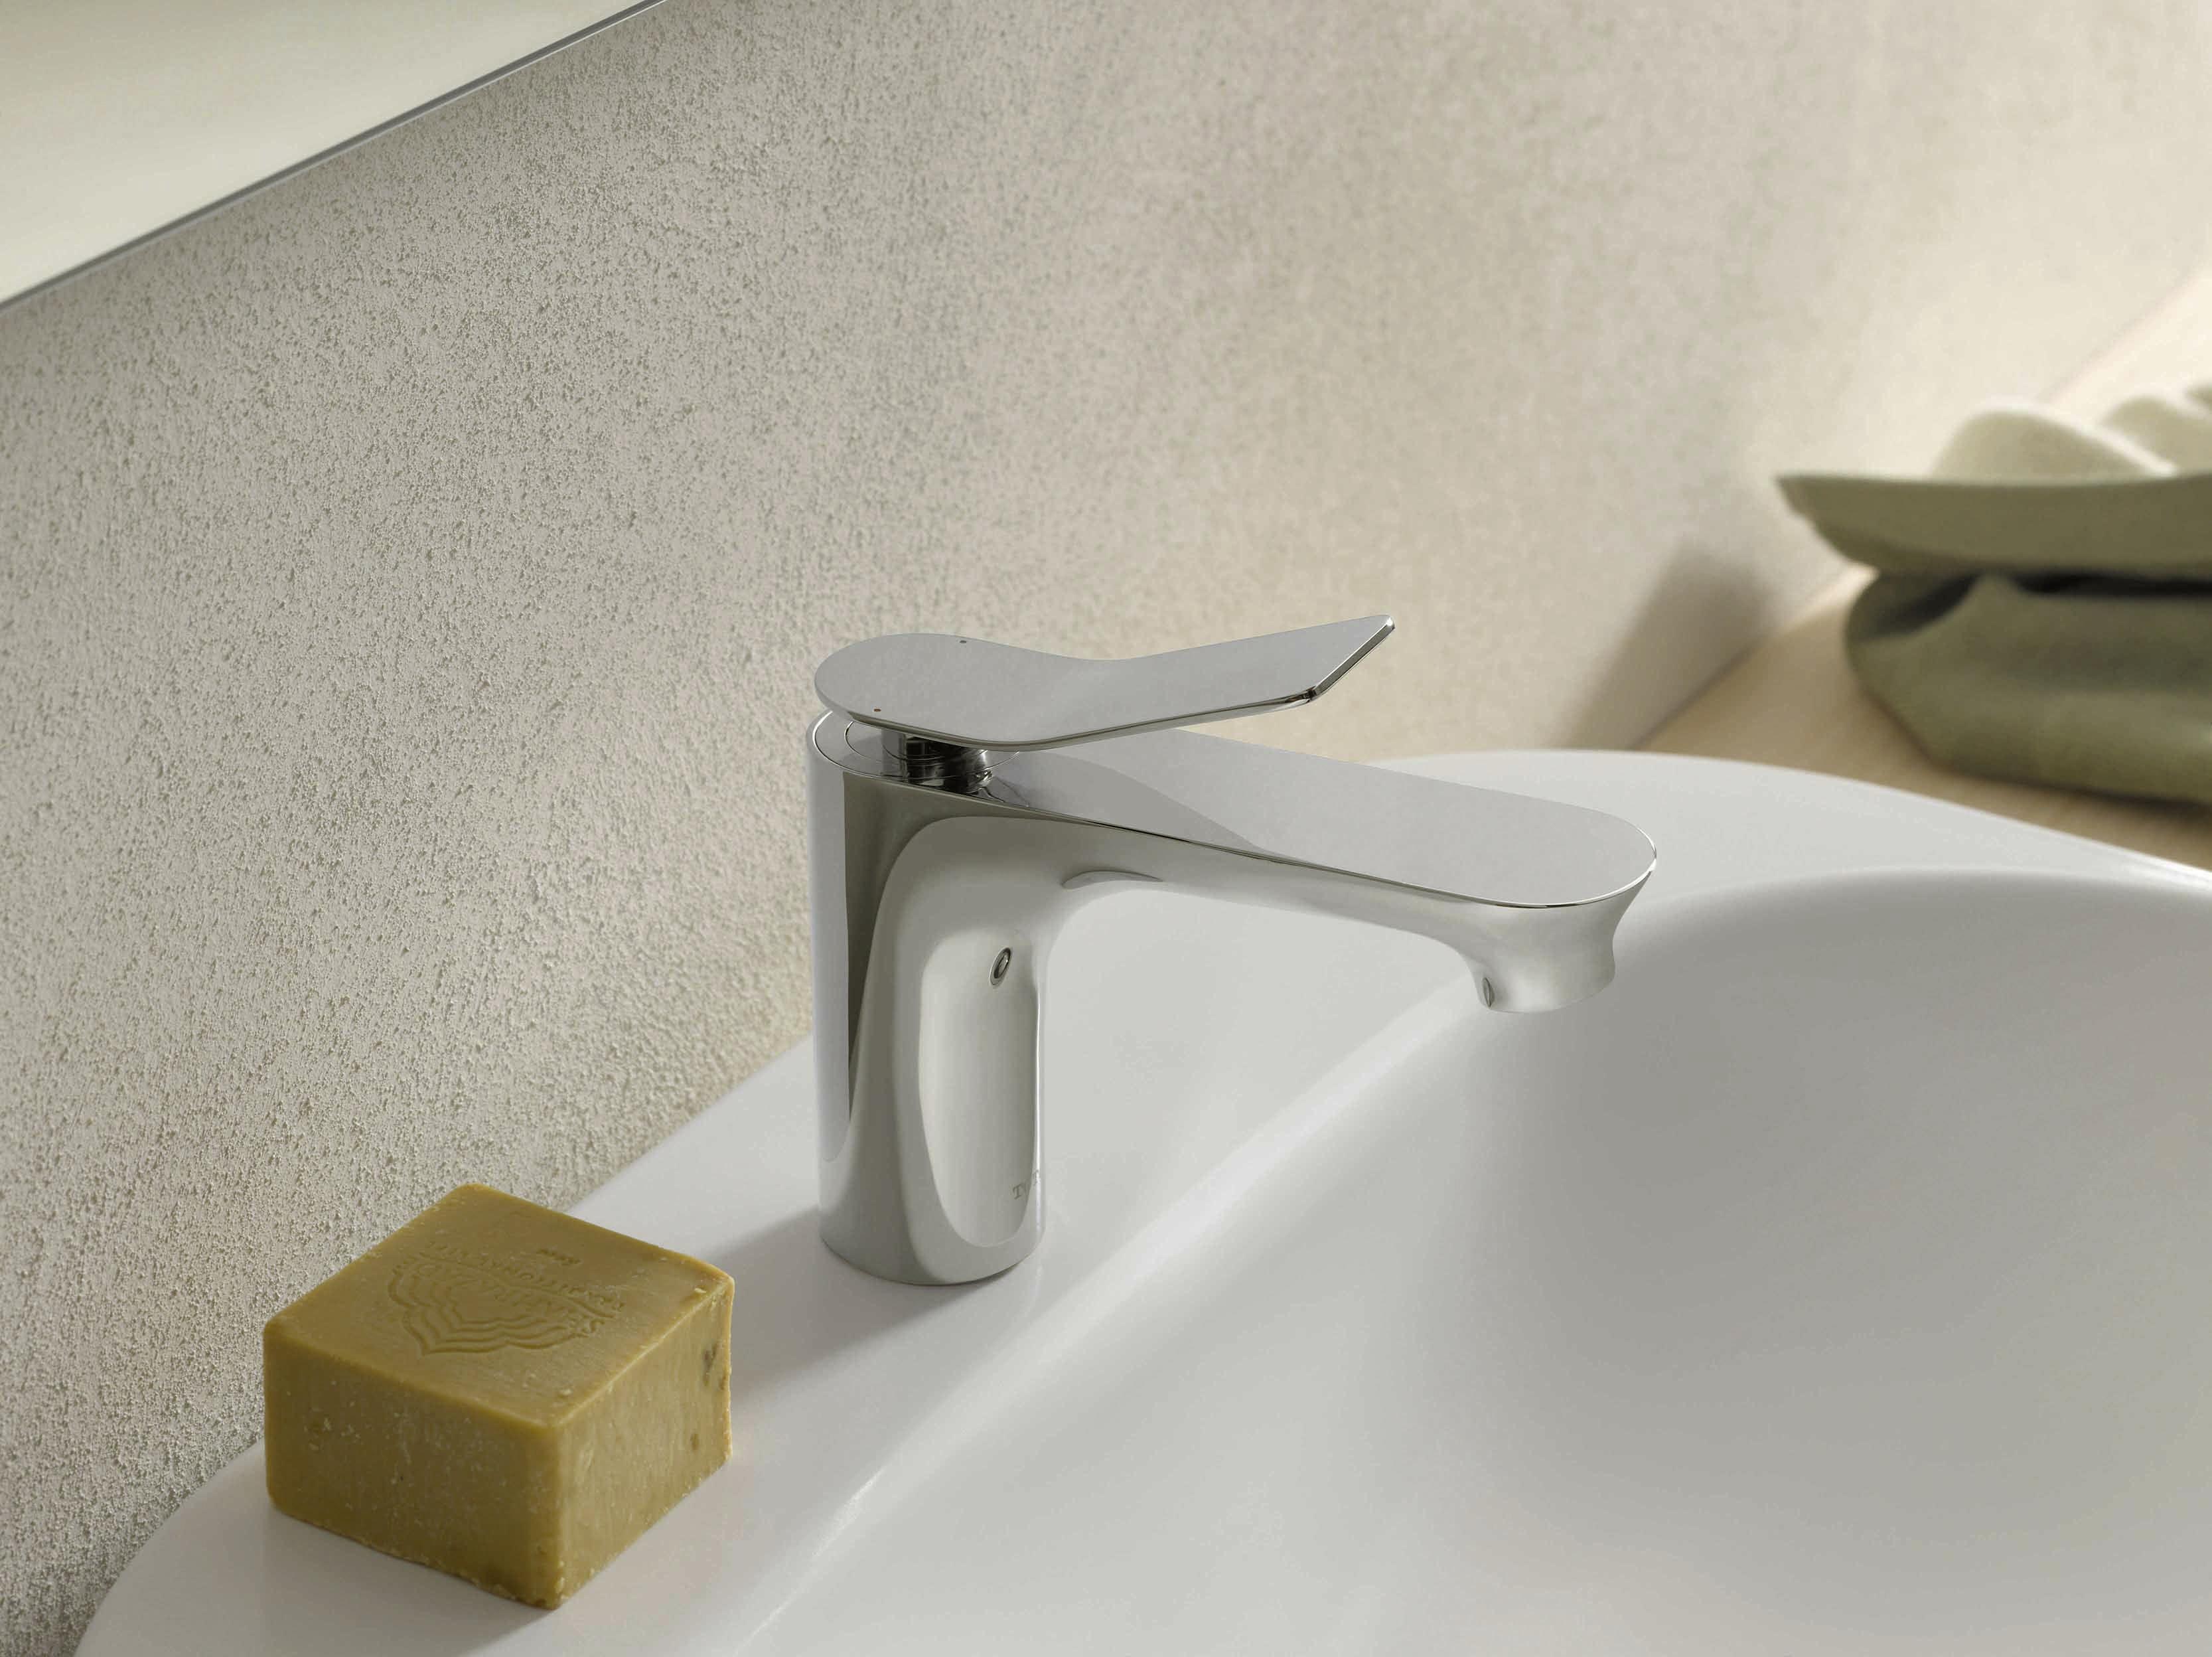 Toto Waschtischarmatur Waschtischarmatur Armaturen Wasche